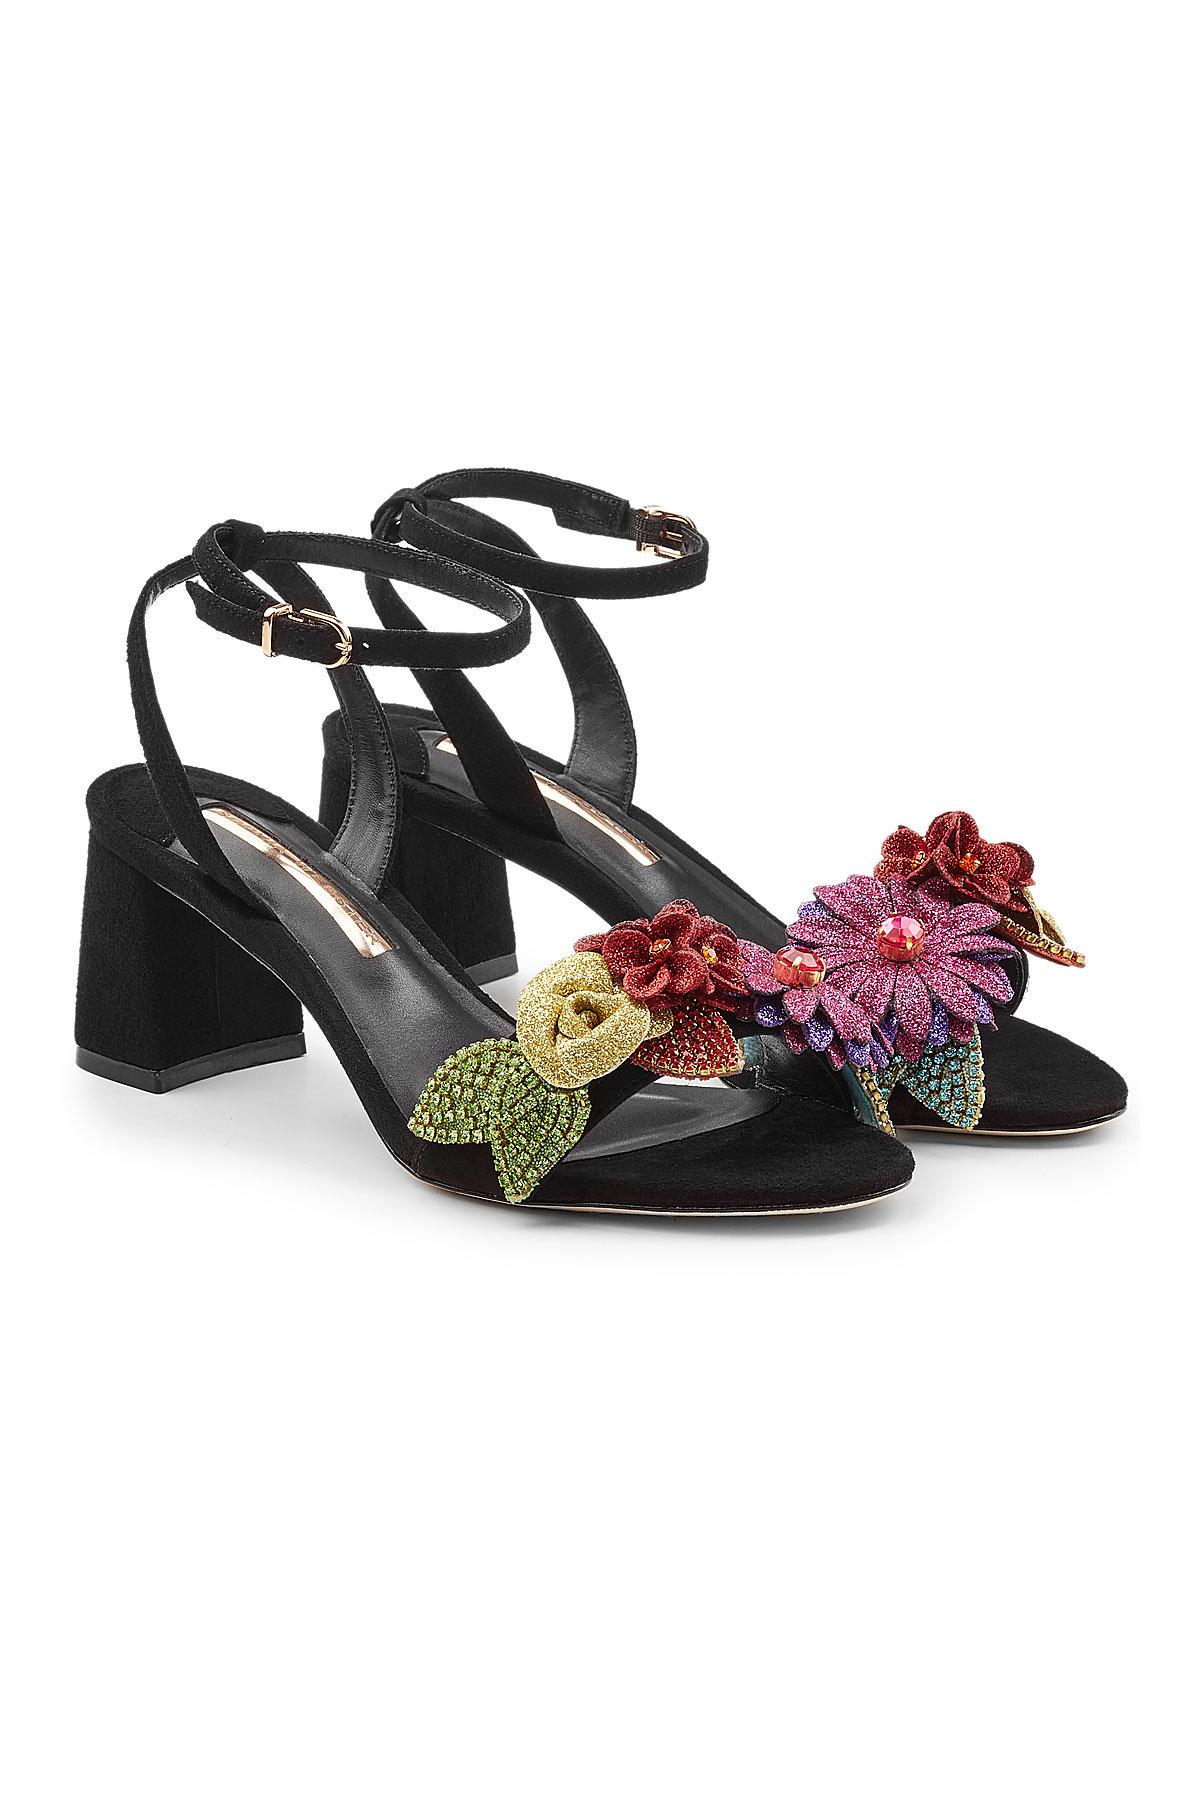 SOPHIA WEBSTER Lilico Glitter Suede Sandals Gr. EU 38